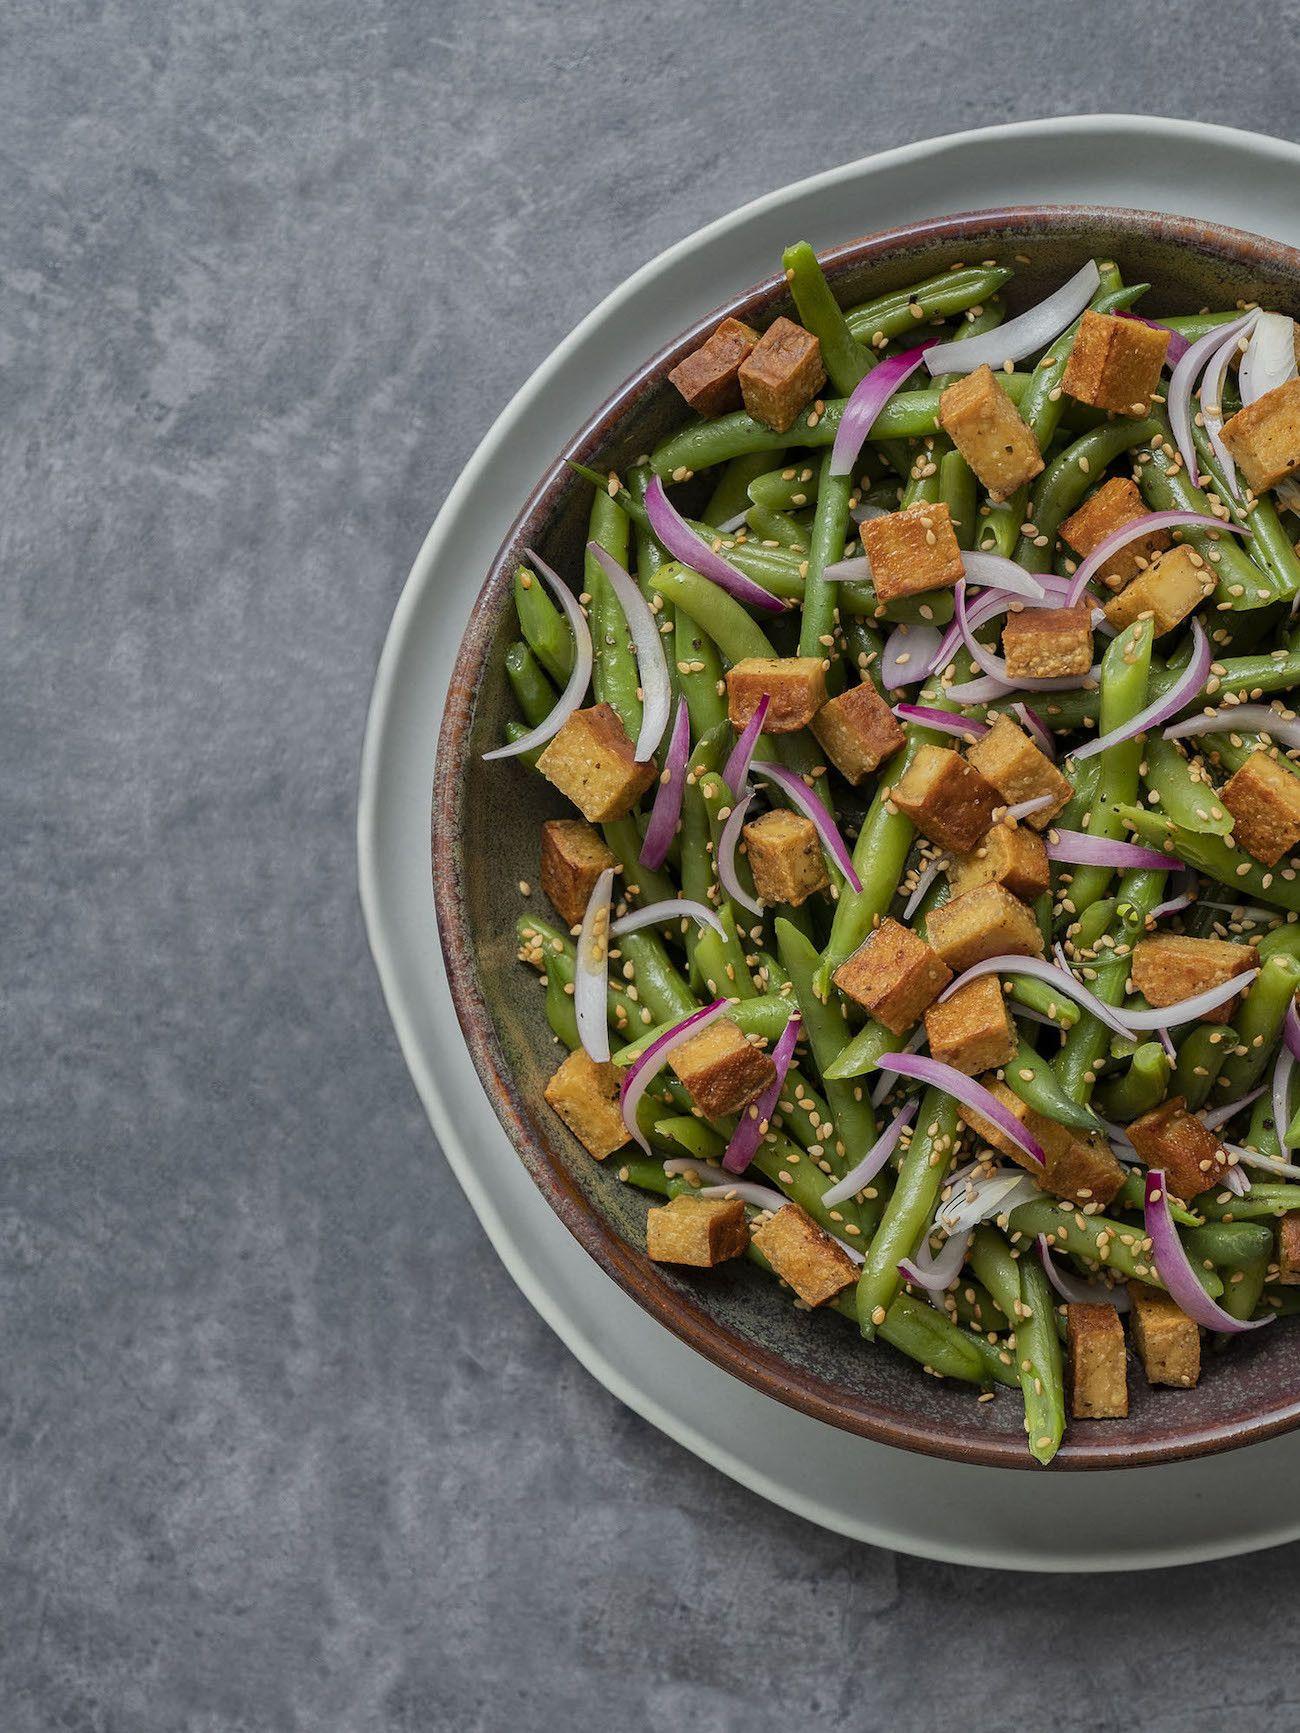 Foodblog, About Fuel, Rezept, Stangenbohnensalat mit geräuchertem Tofu, Sesam und roten Zwiebeln, Teller, Salat, Sesam